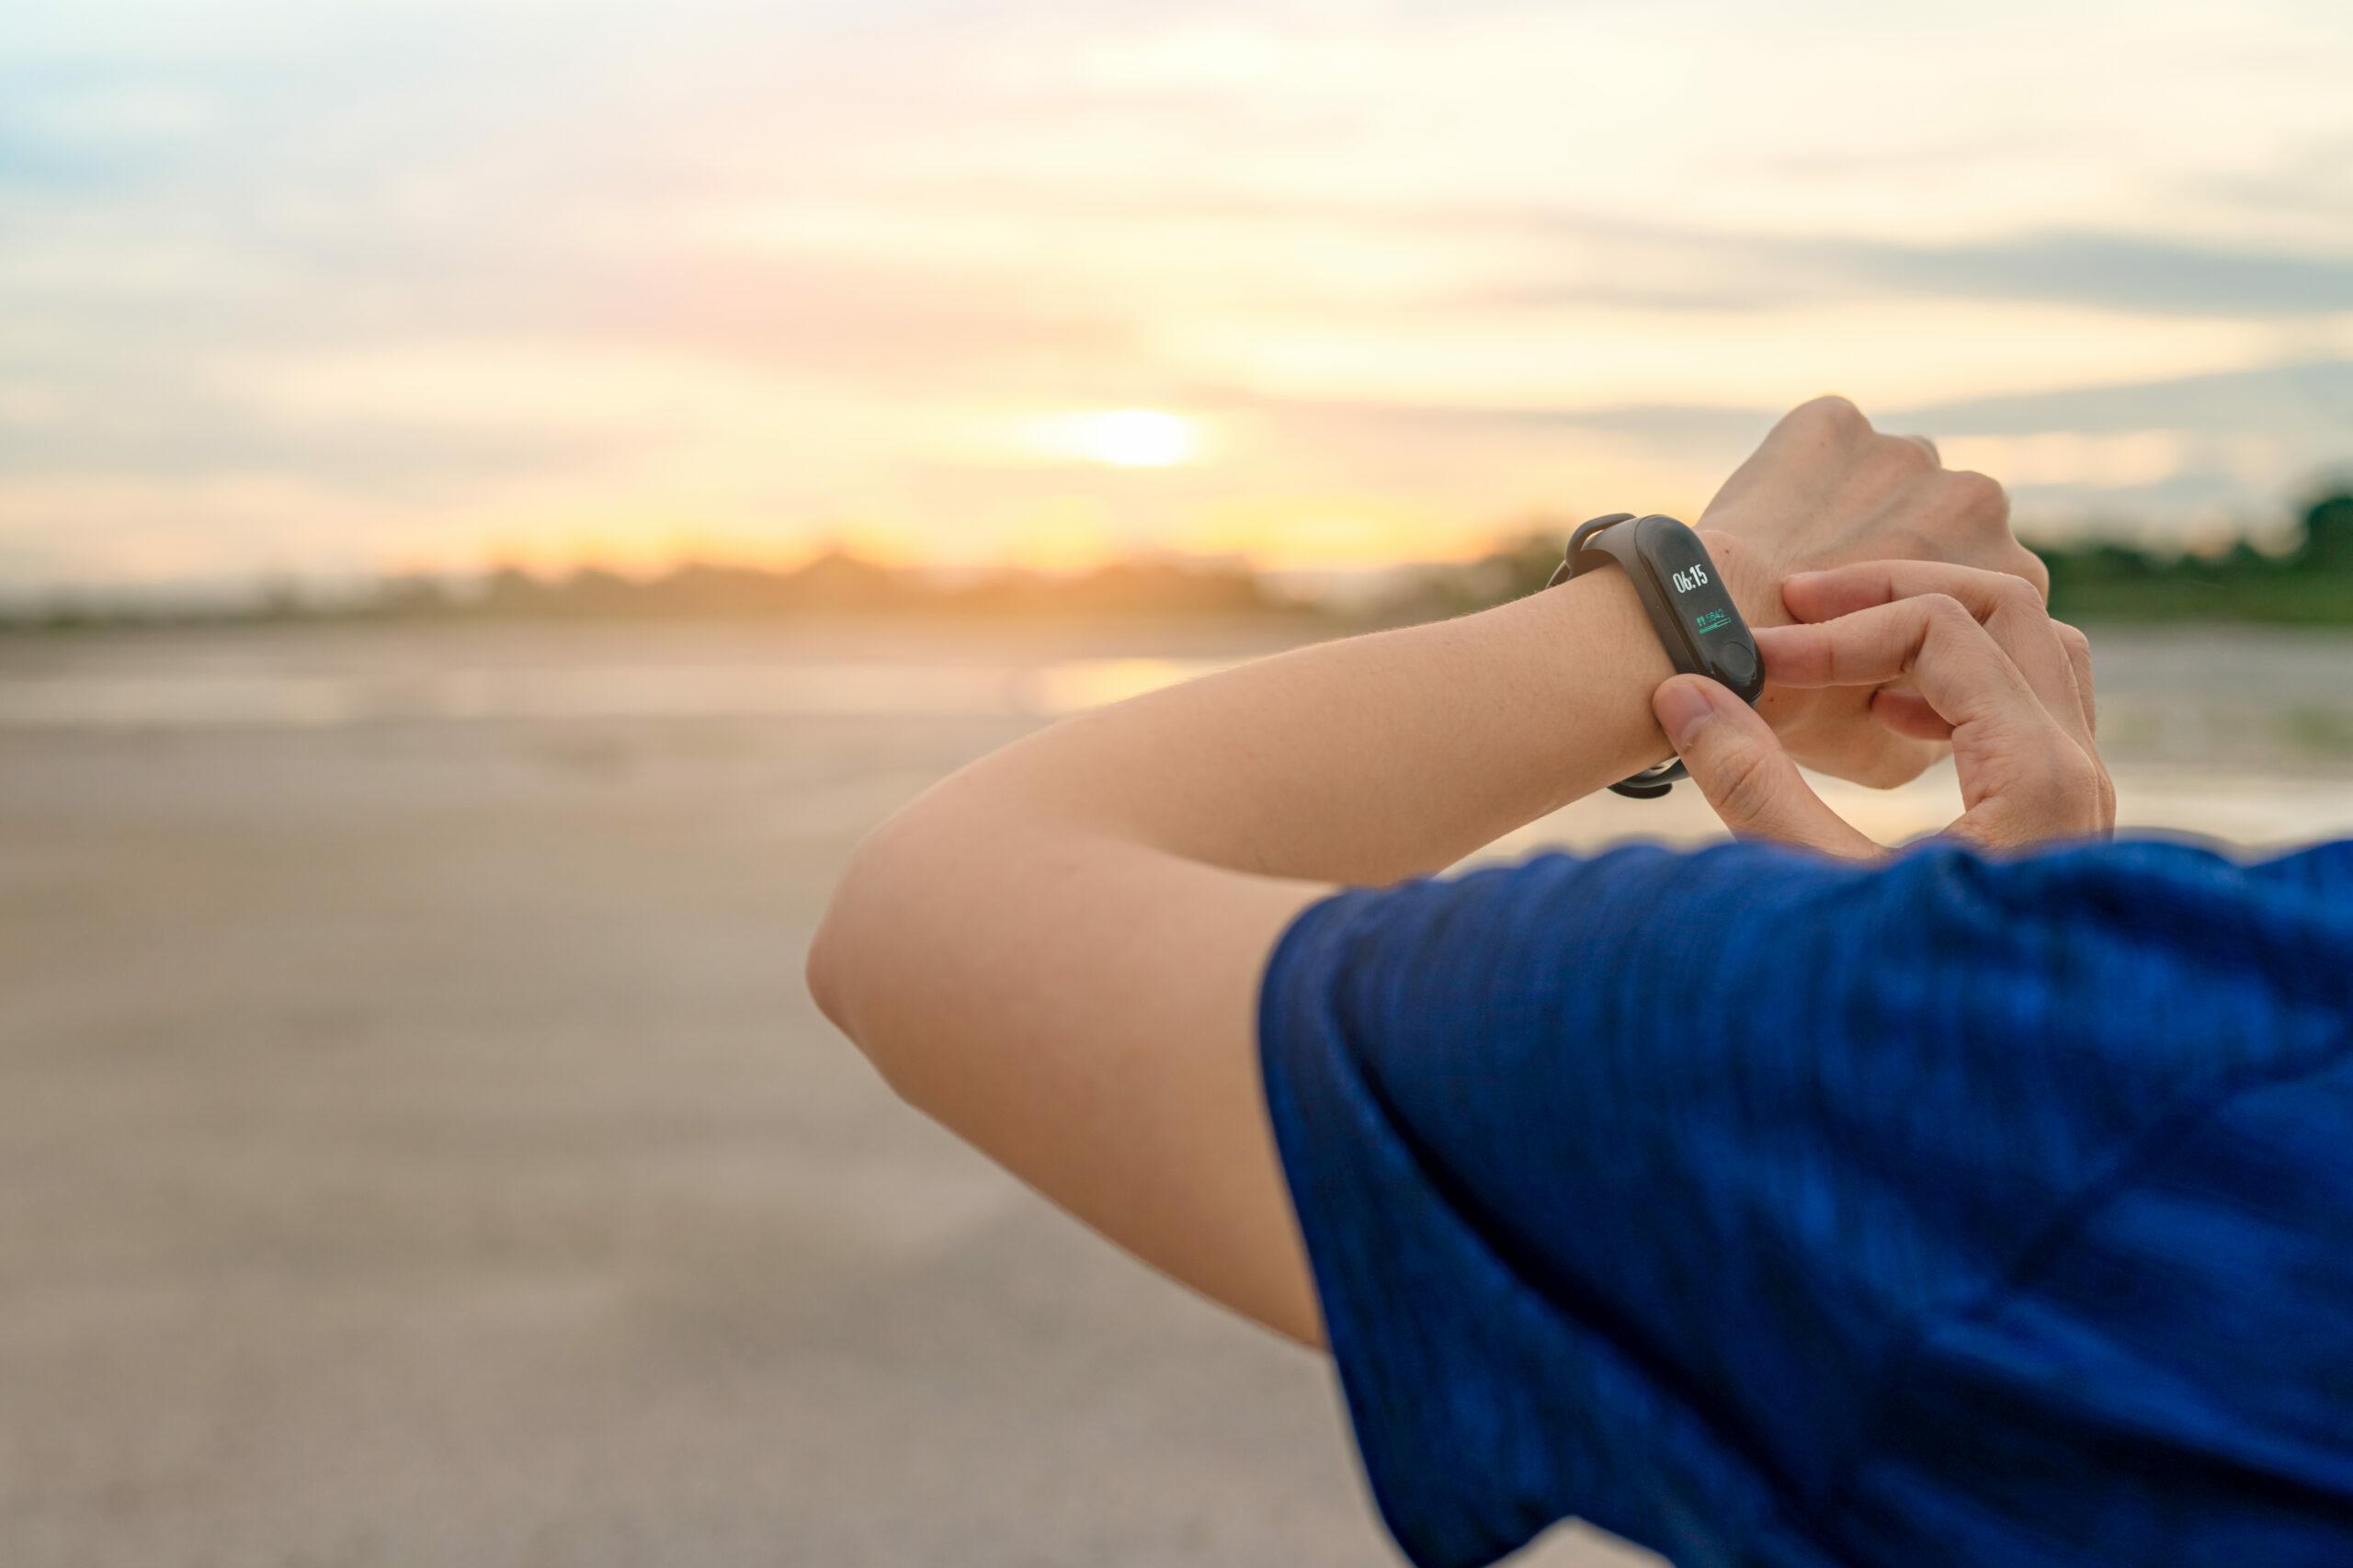 Bluthochdruck: Eine Frau steht am Strand und aktiviert ein Wearable